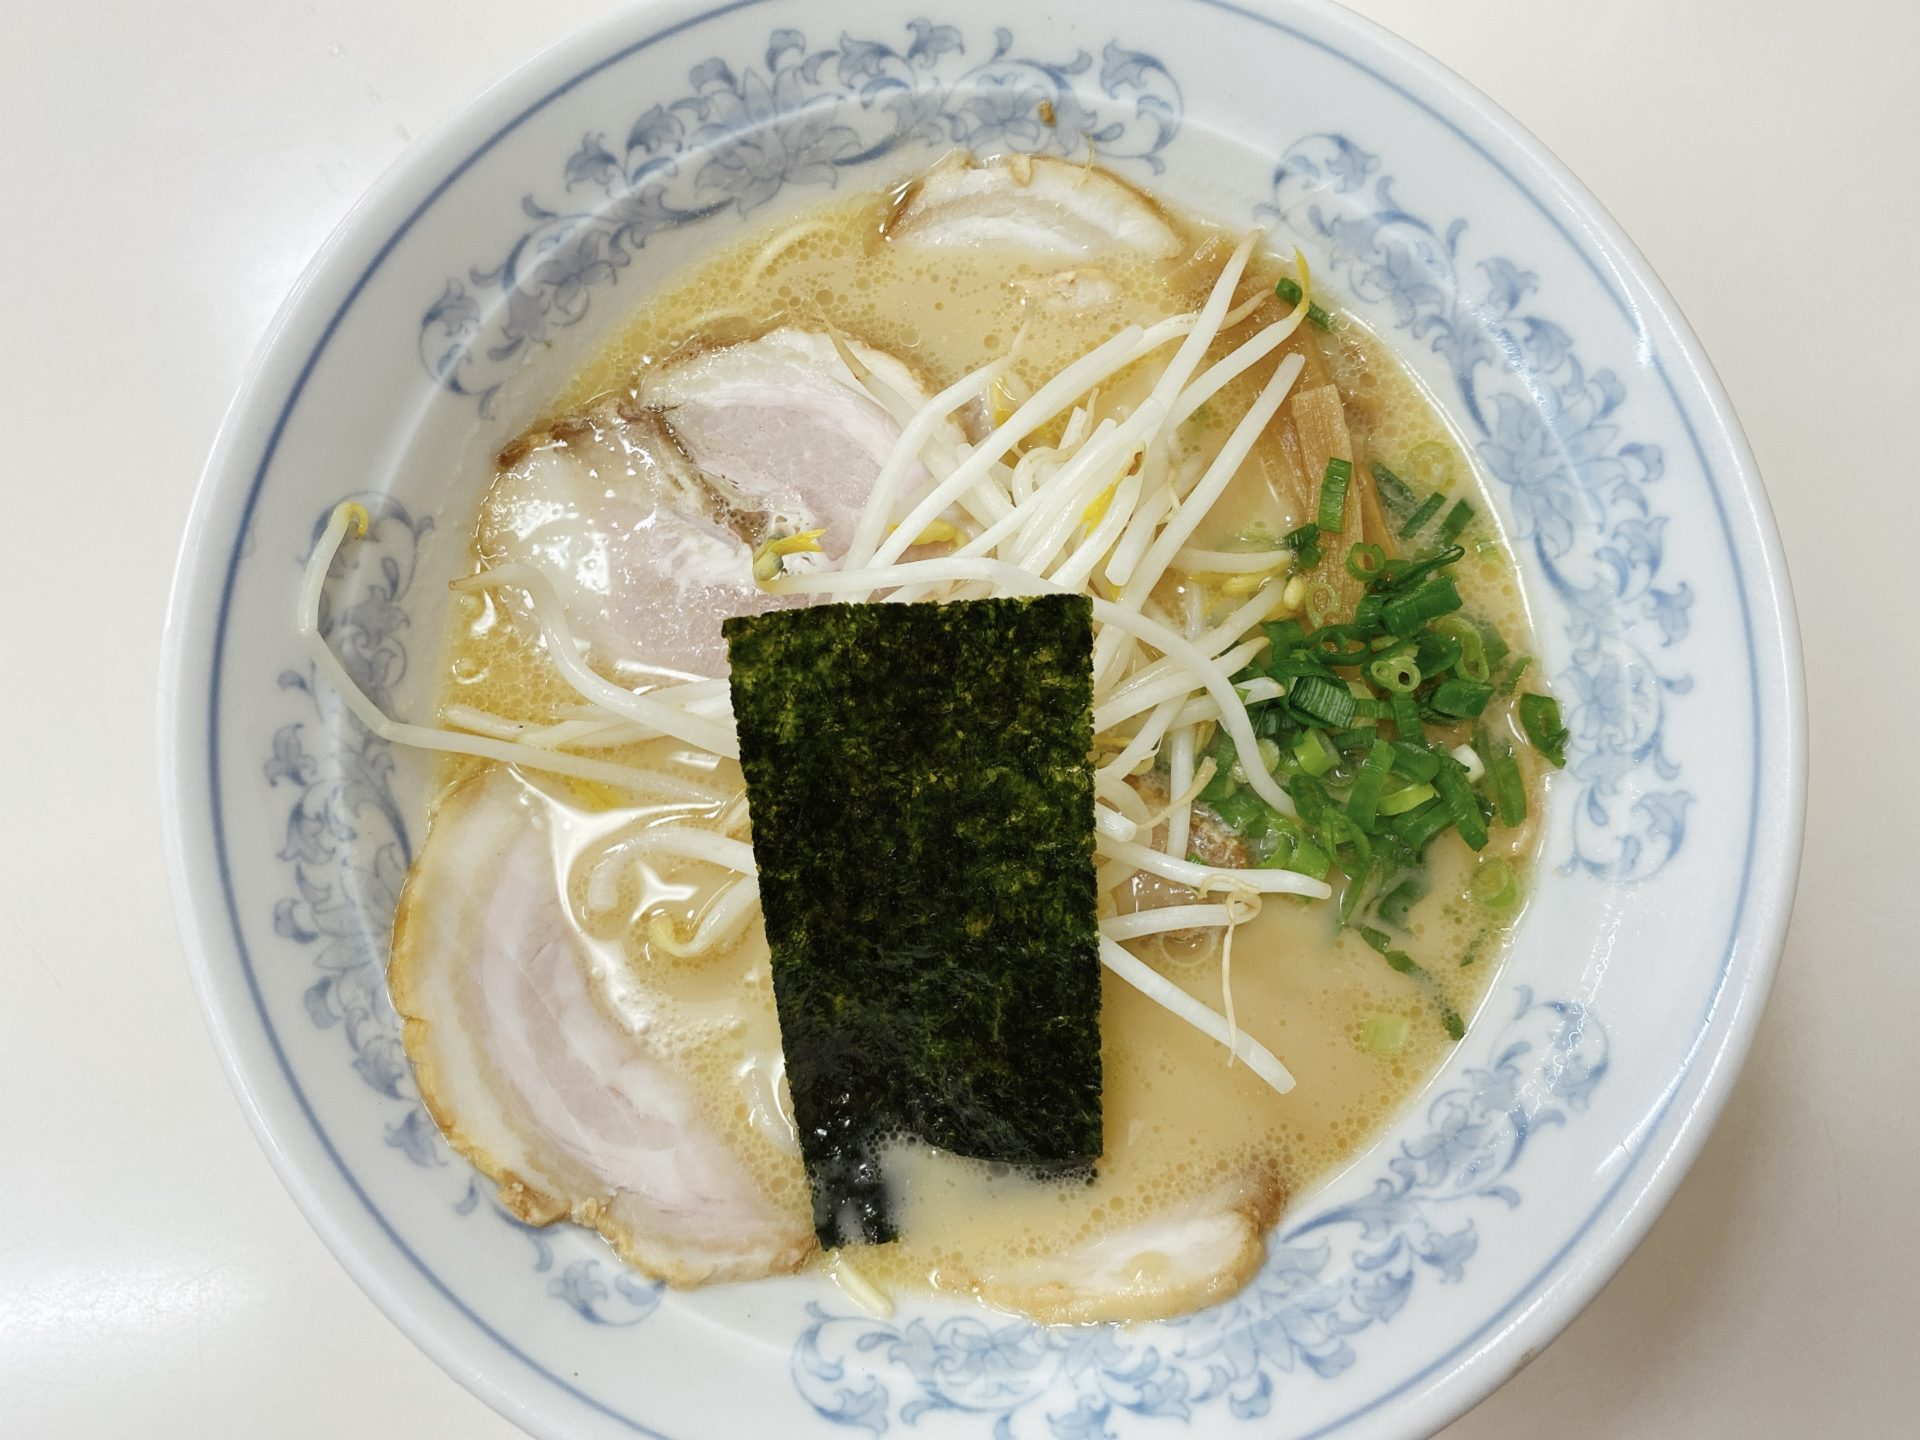 西川原駅から車で5分【浜ラーメン】のラーメンが税込550円のほぼワンコイン!豚骨スープも麺もチャーシューも美味い!